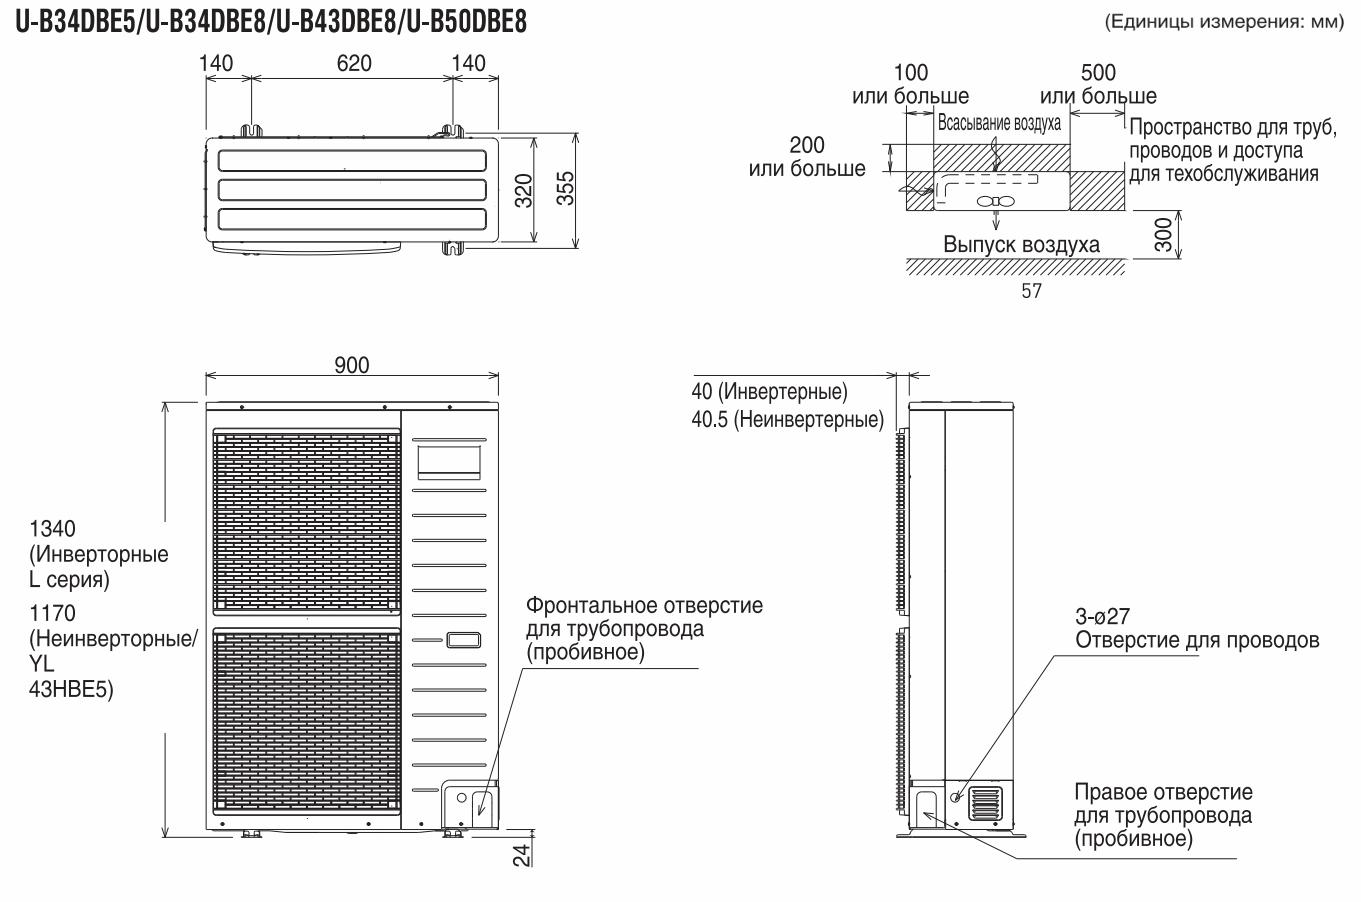 Габаритные размеры кондиционера U-B43DBE8